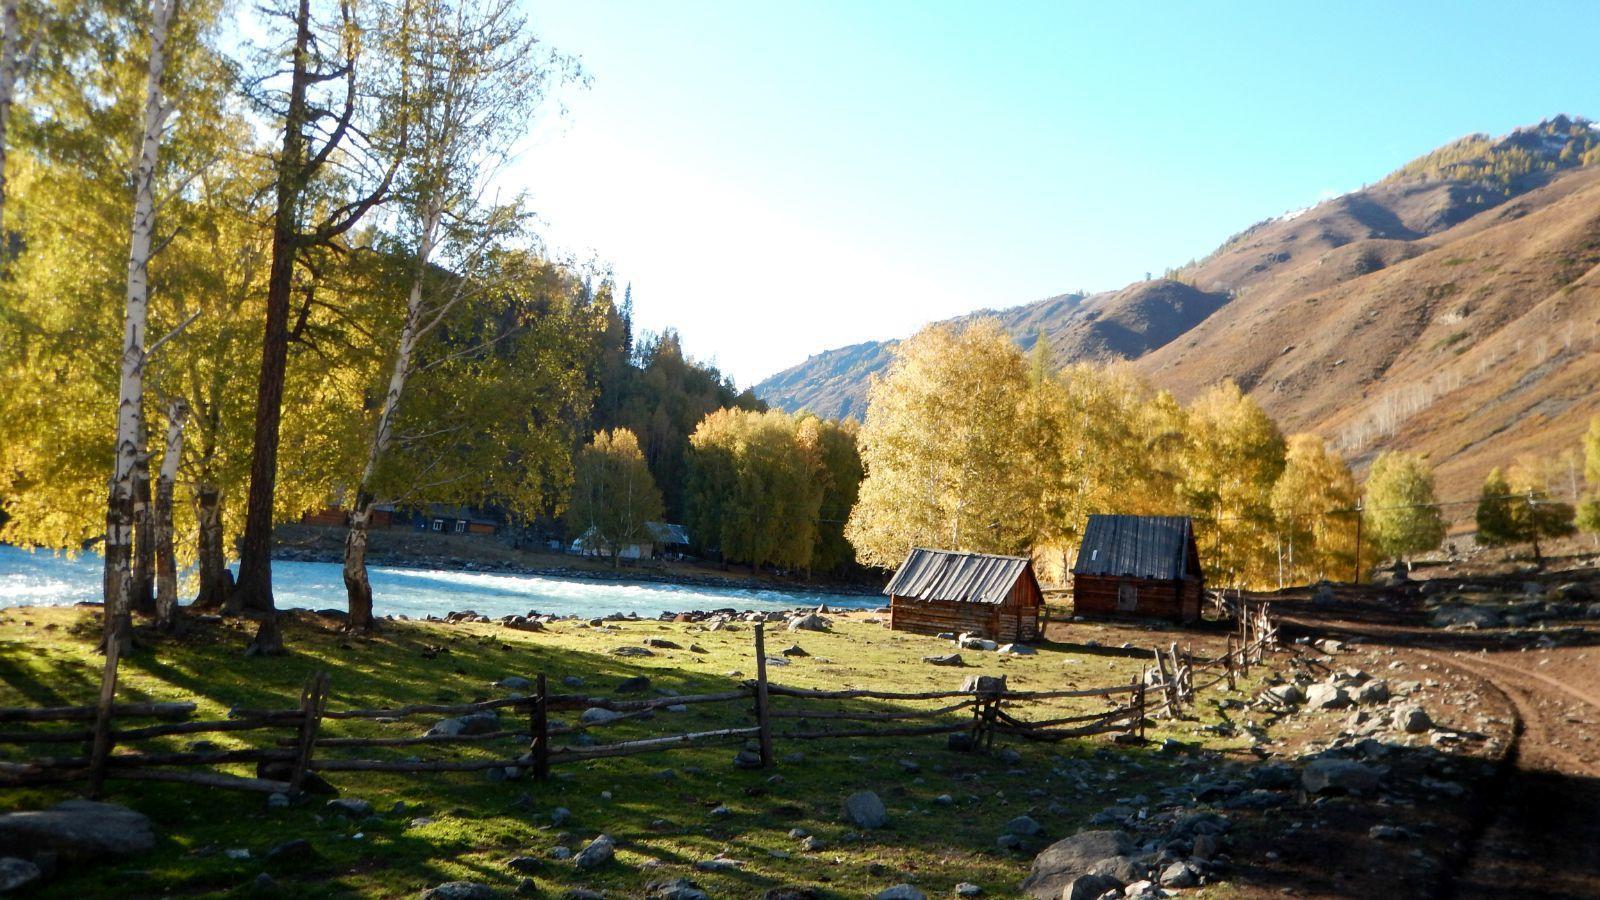 河边的风景特别好,这些照片都是在马上拍的,大家将就着看吧